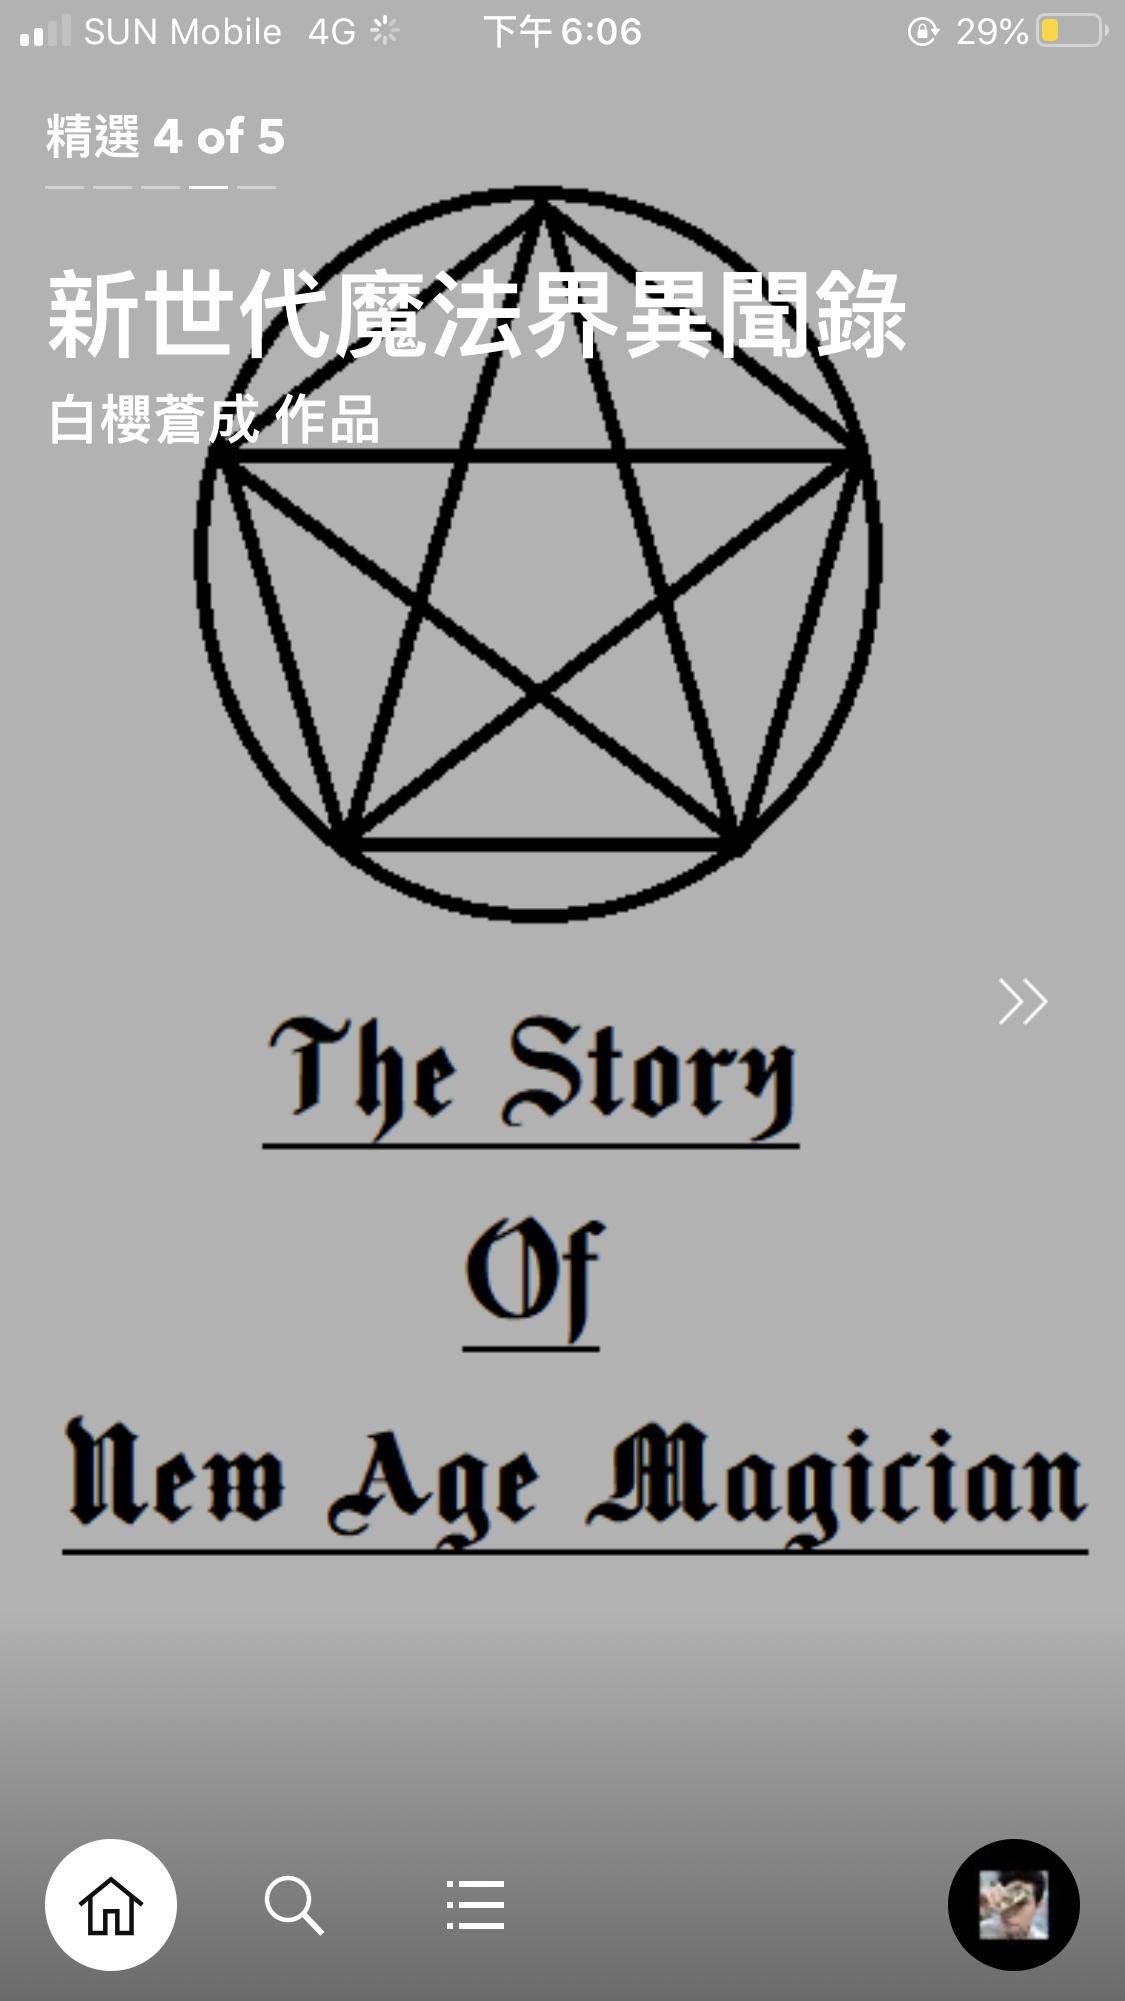 新世代魔法界異聞錄 序章 根源